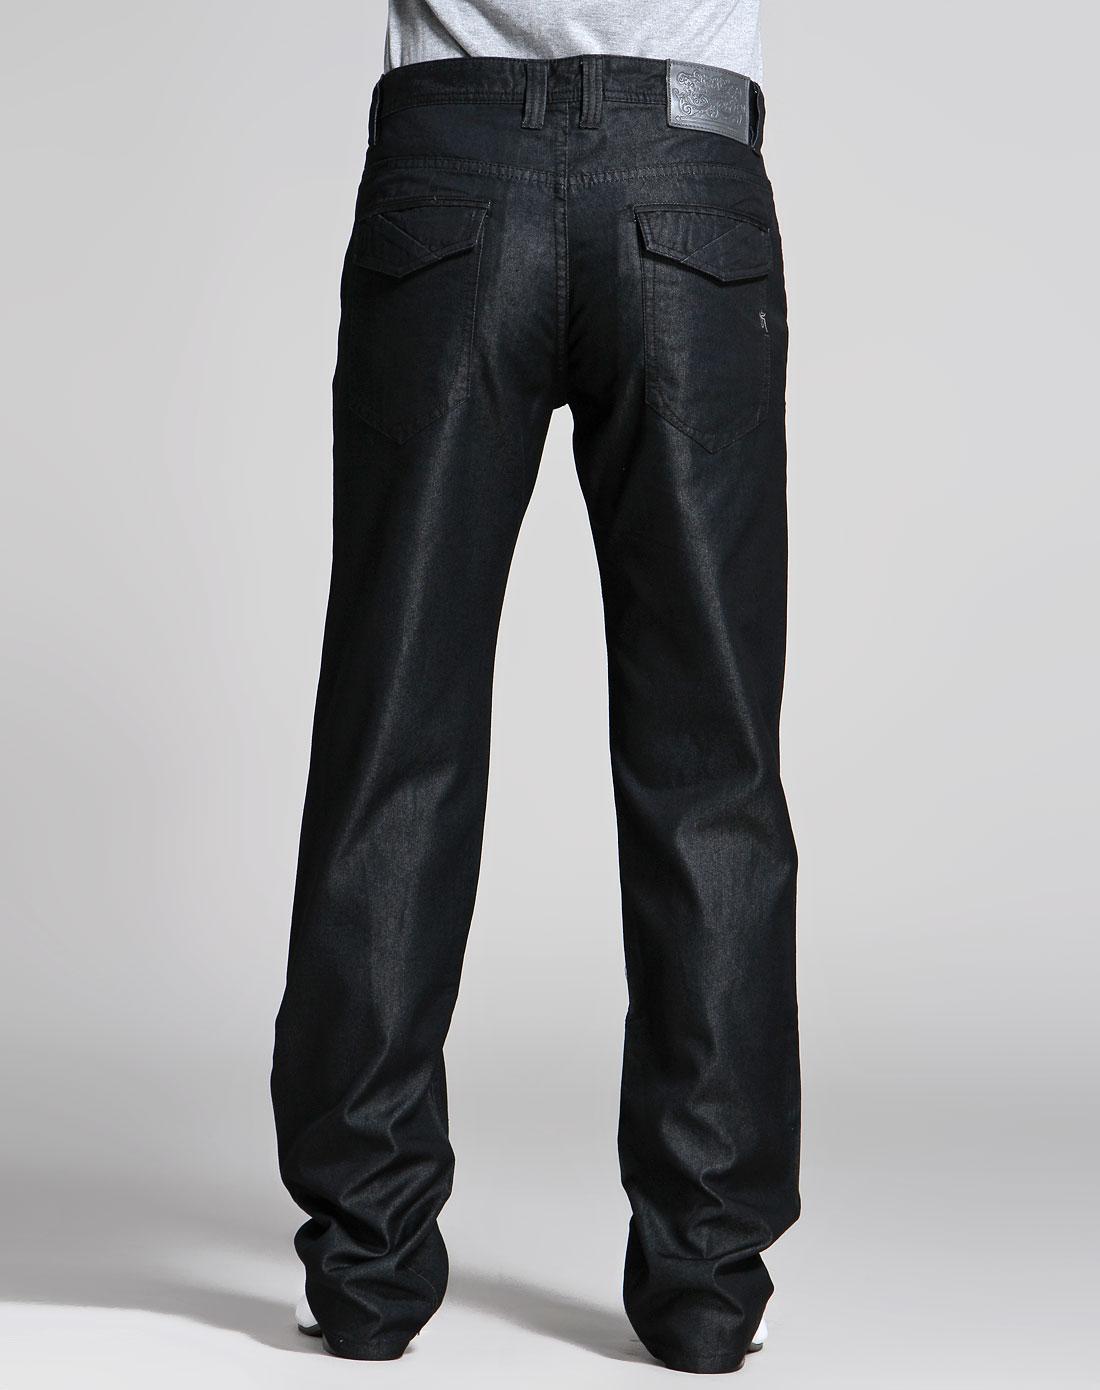 马克华菲 黑色中腰时尚牛仔长裤